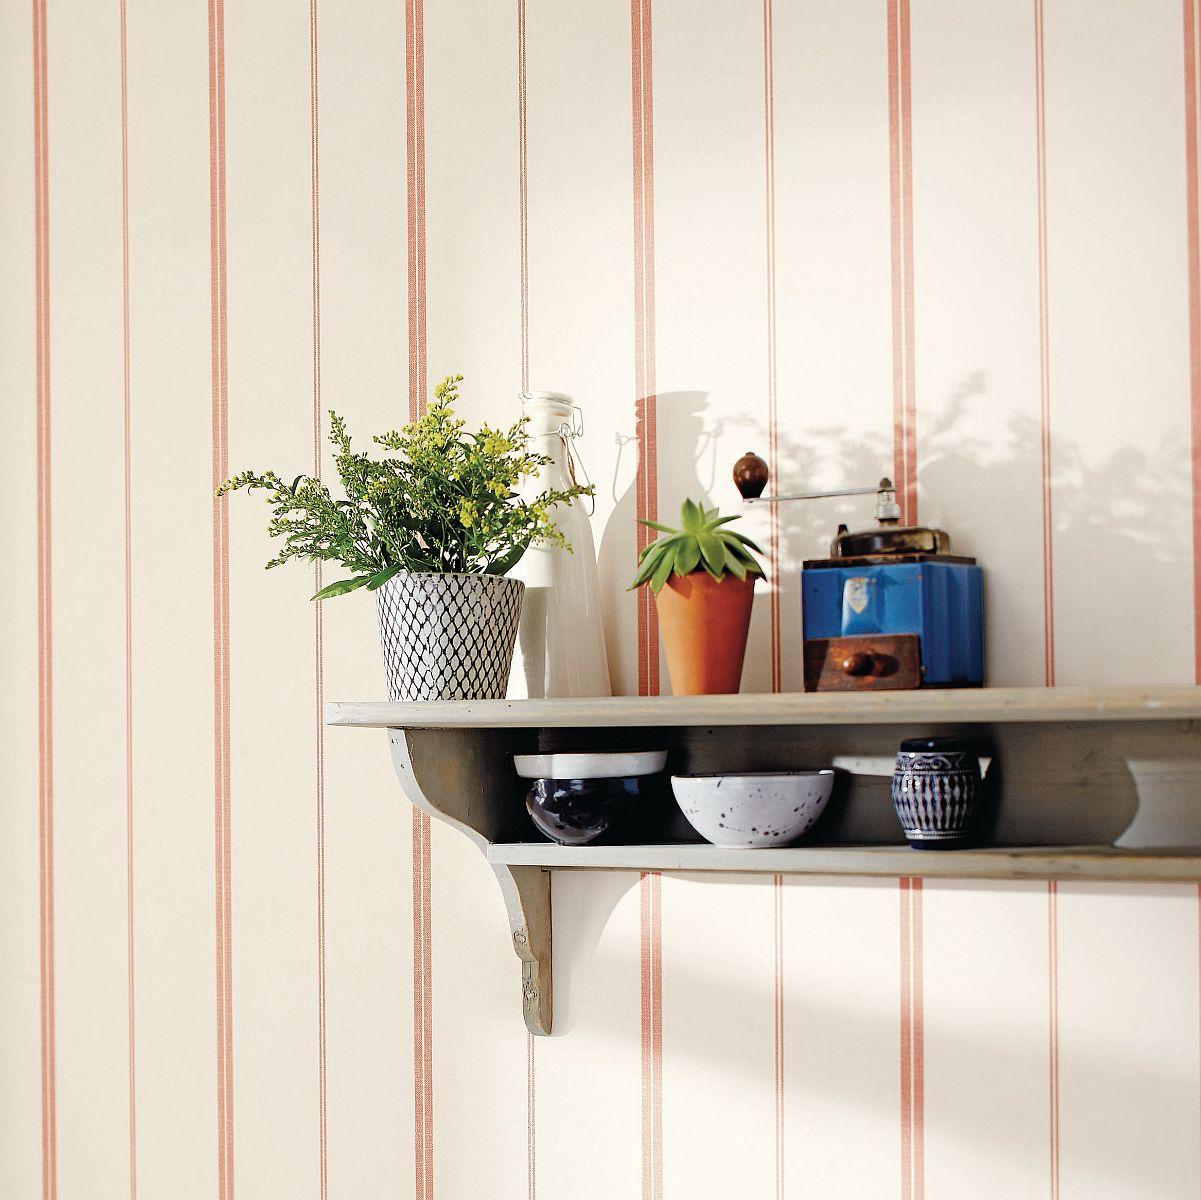 Full Size of Küchentapete Hochwertige Tapeten Und Stoffe Kchentapete Bon Appecaselio Wohnzimmer Küchentapete